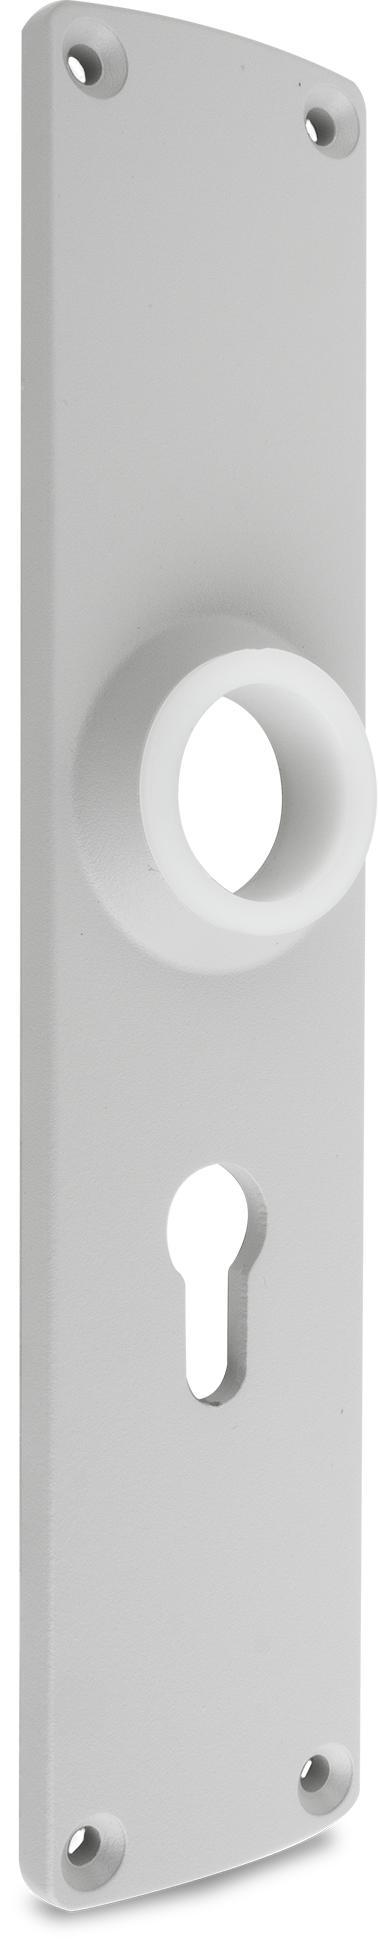 Langschild Zink-Druckguss, EPS beschichtet RAL 7038, rechts und links verwendbar, mit PZ-Lochung, Entfernung 60 mm